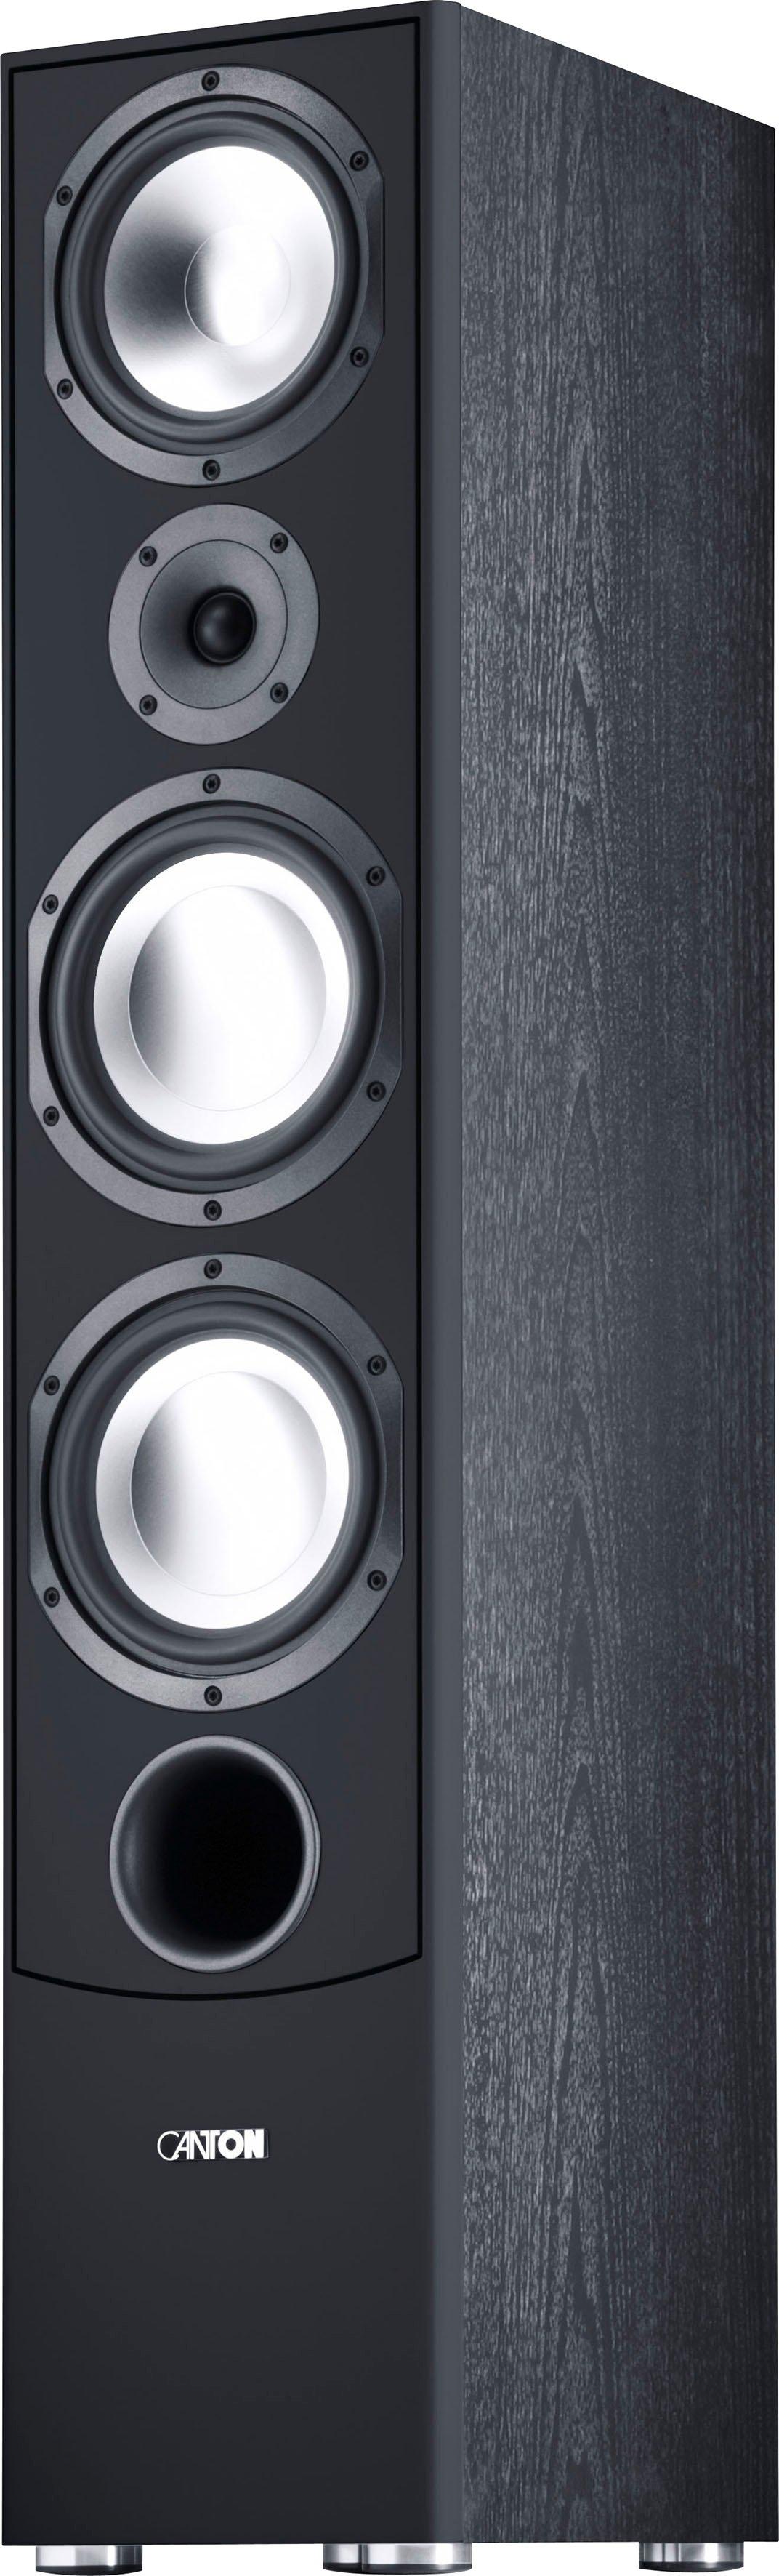 CANTON Staande luidspreker GLE 490.2 1 stuk (1) nu online kopen bij OTTO